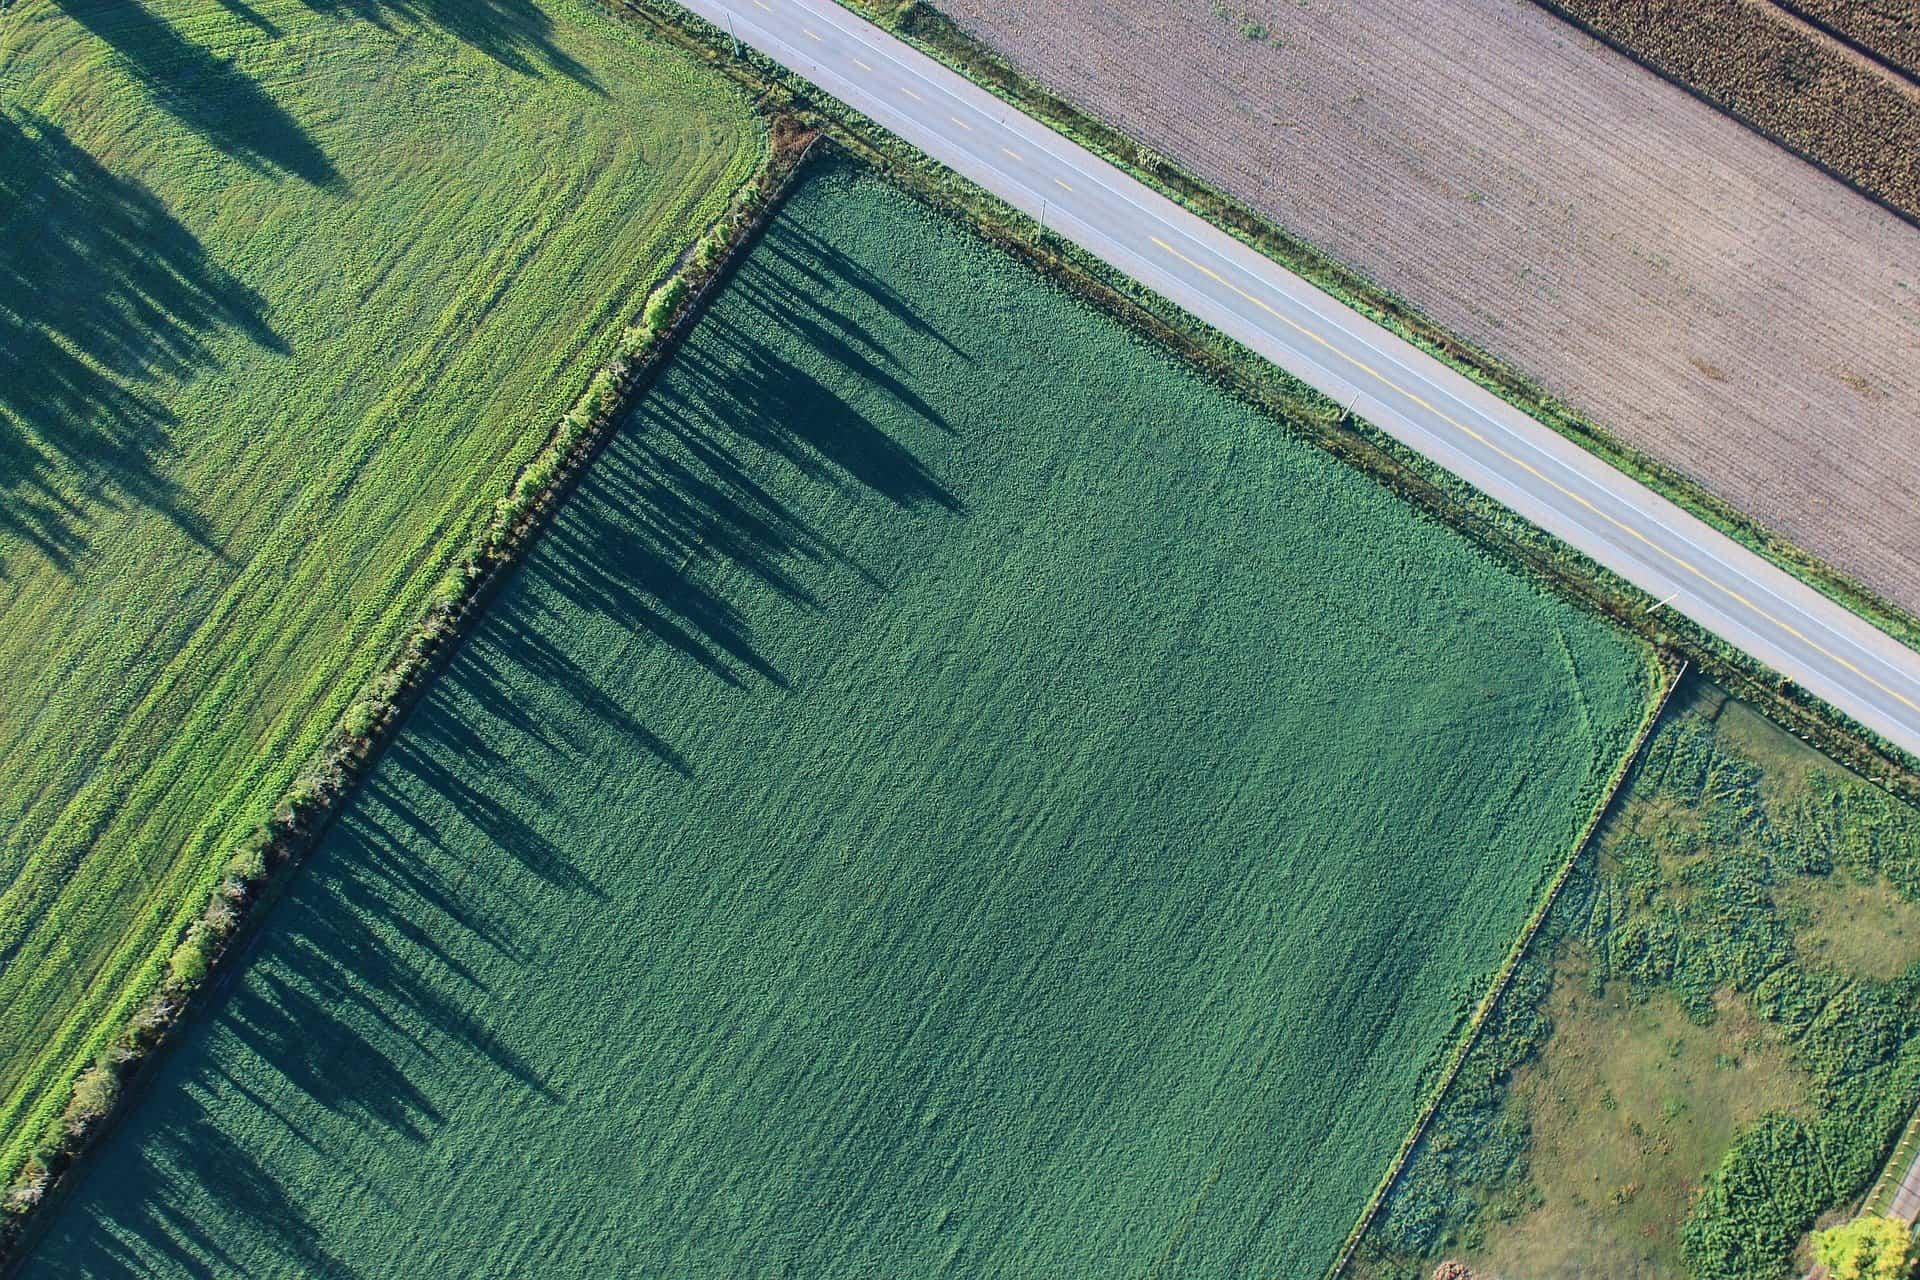 מה צריך לדעת לפני שבוחרים שמאי קרקע חקלאית?